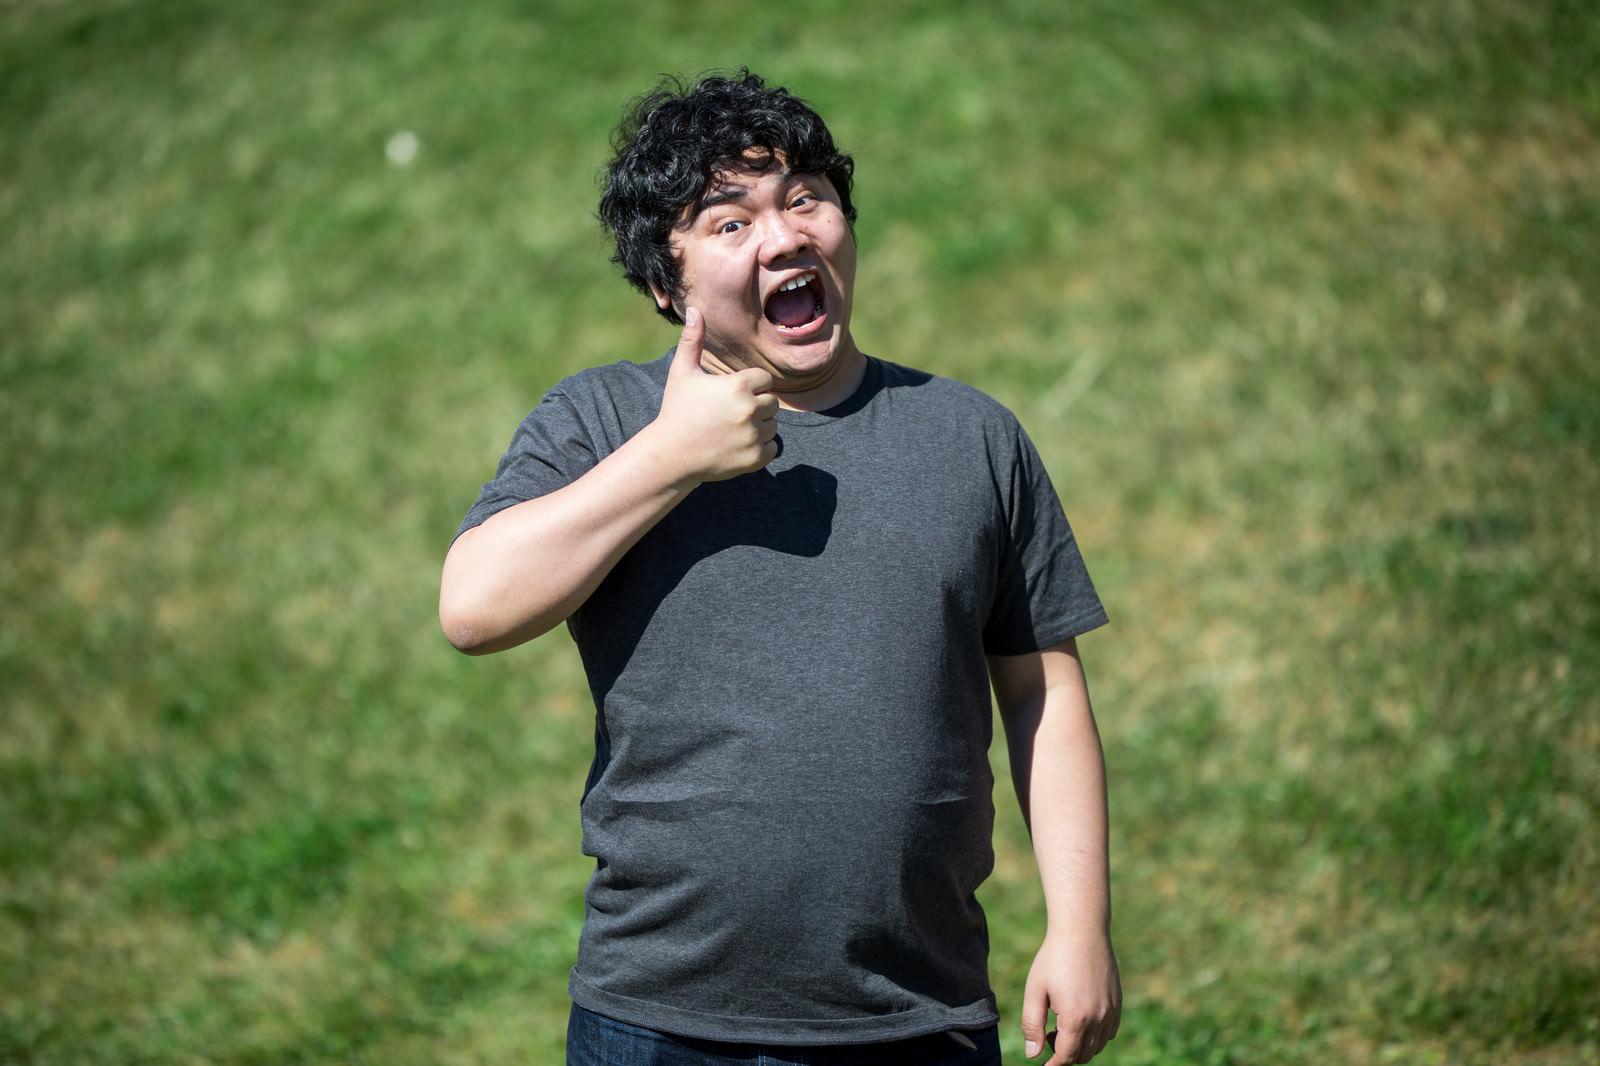 「コードレビューに最高の笑顔でサムズアップする男性」の写真[モデル:段田隼人]